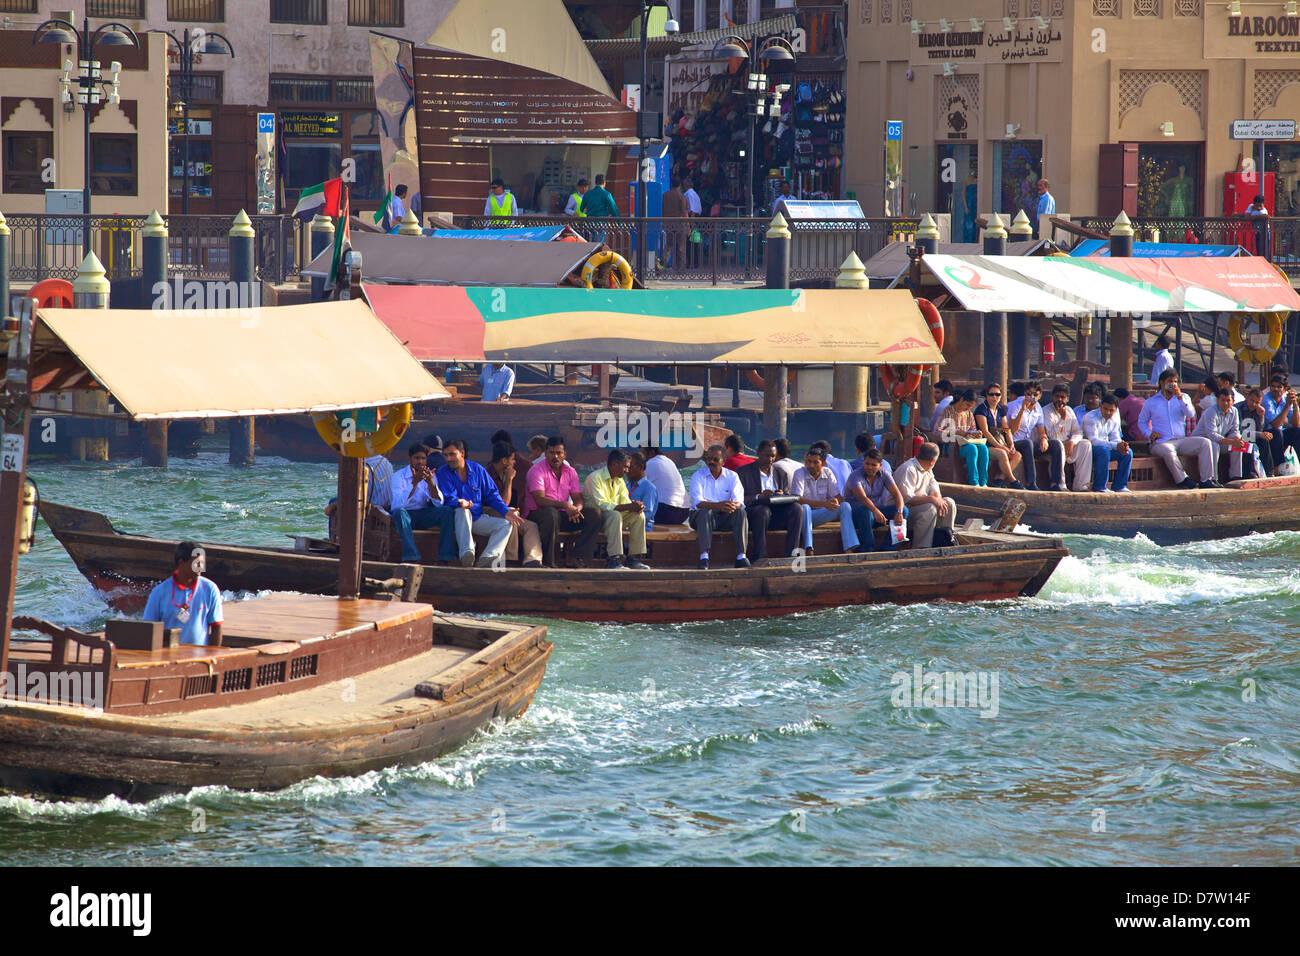 Ferries on Dubai Creek, Dubai, United Arab Emirates, Middle East - Stock Image